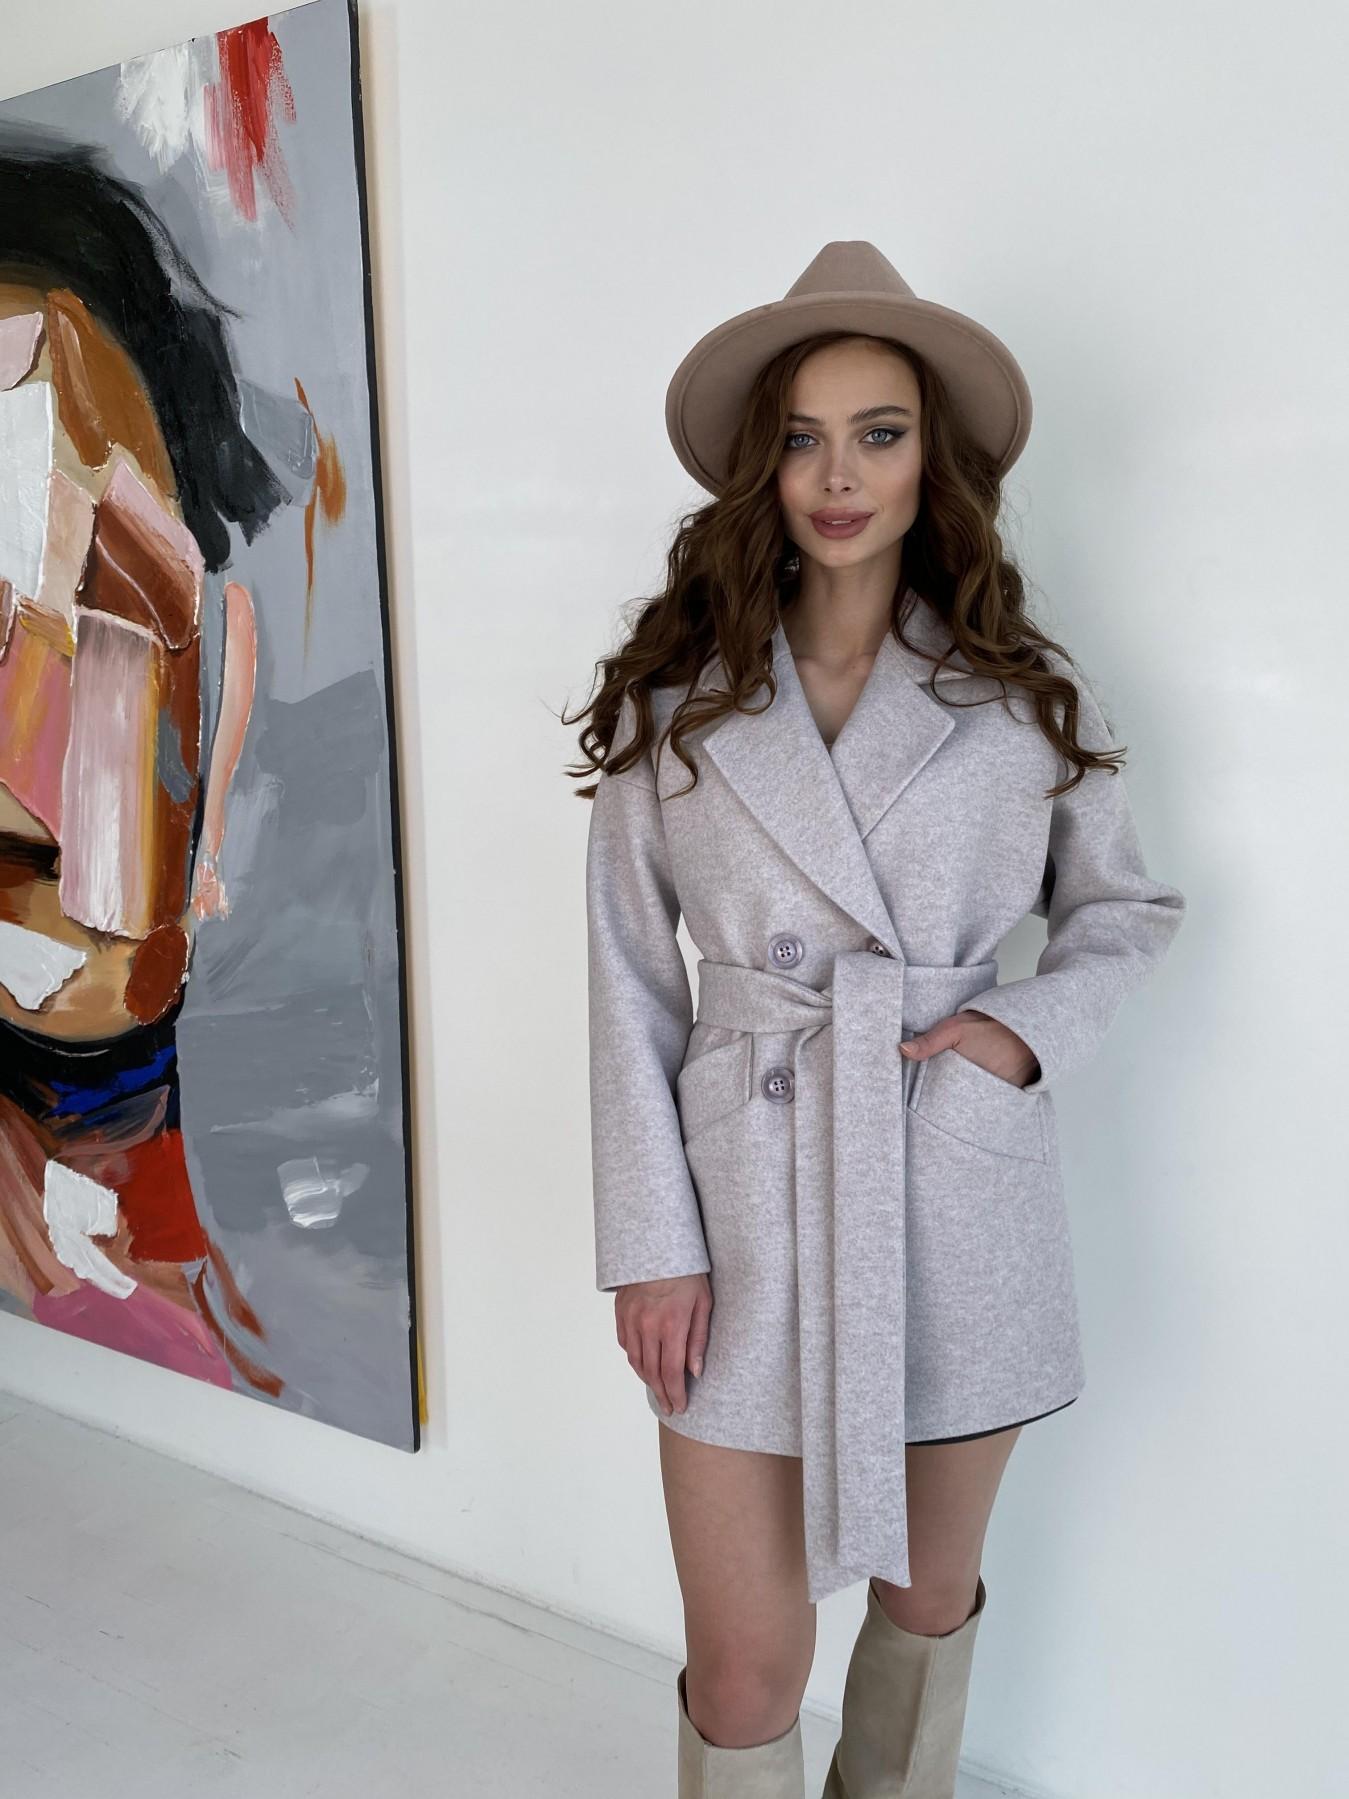 Бонд пальто  кашемировое меланж на трикотаже  10644 АРТ. 47161 Цвет: Бежевый меланж - фото 6, интернет магазин tm-modus.ru